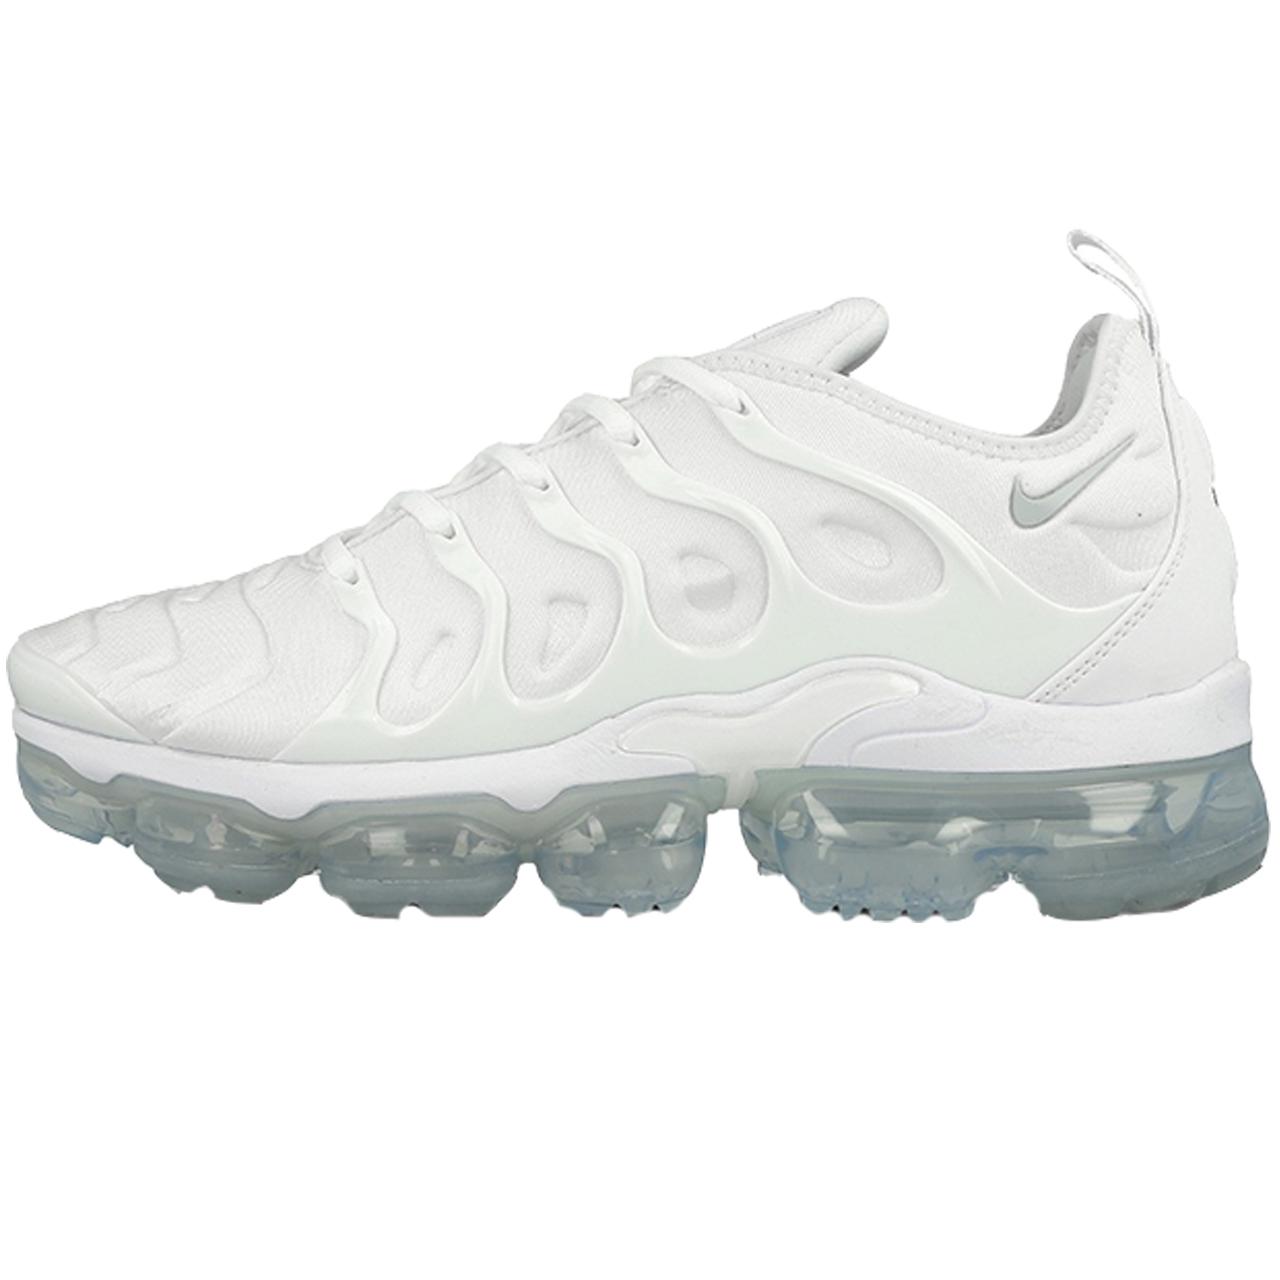 قیمت کفش ورزشی  مخصوص دویدن و پیاده روی مردانه مدل  Air Vpormax Plus